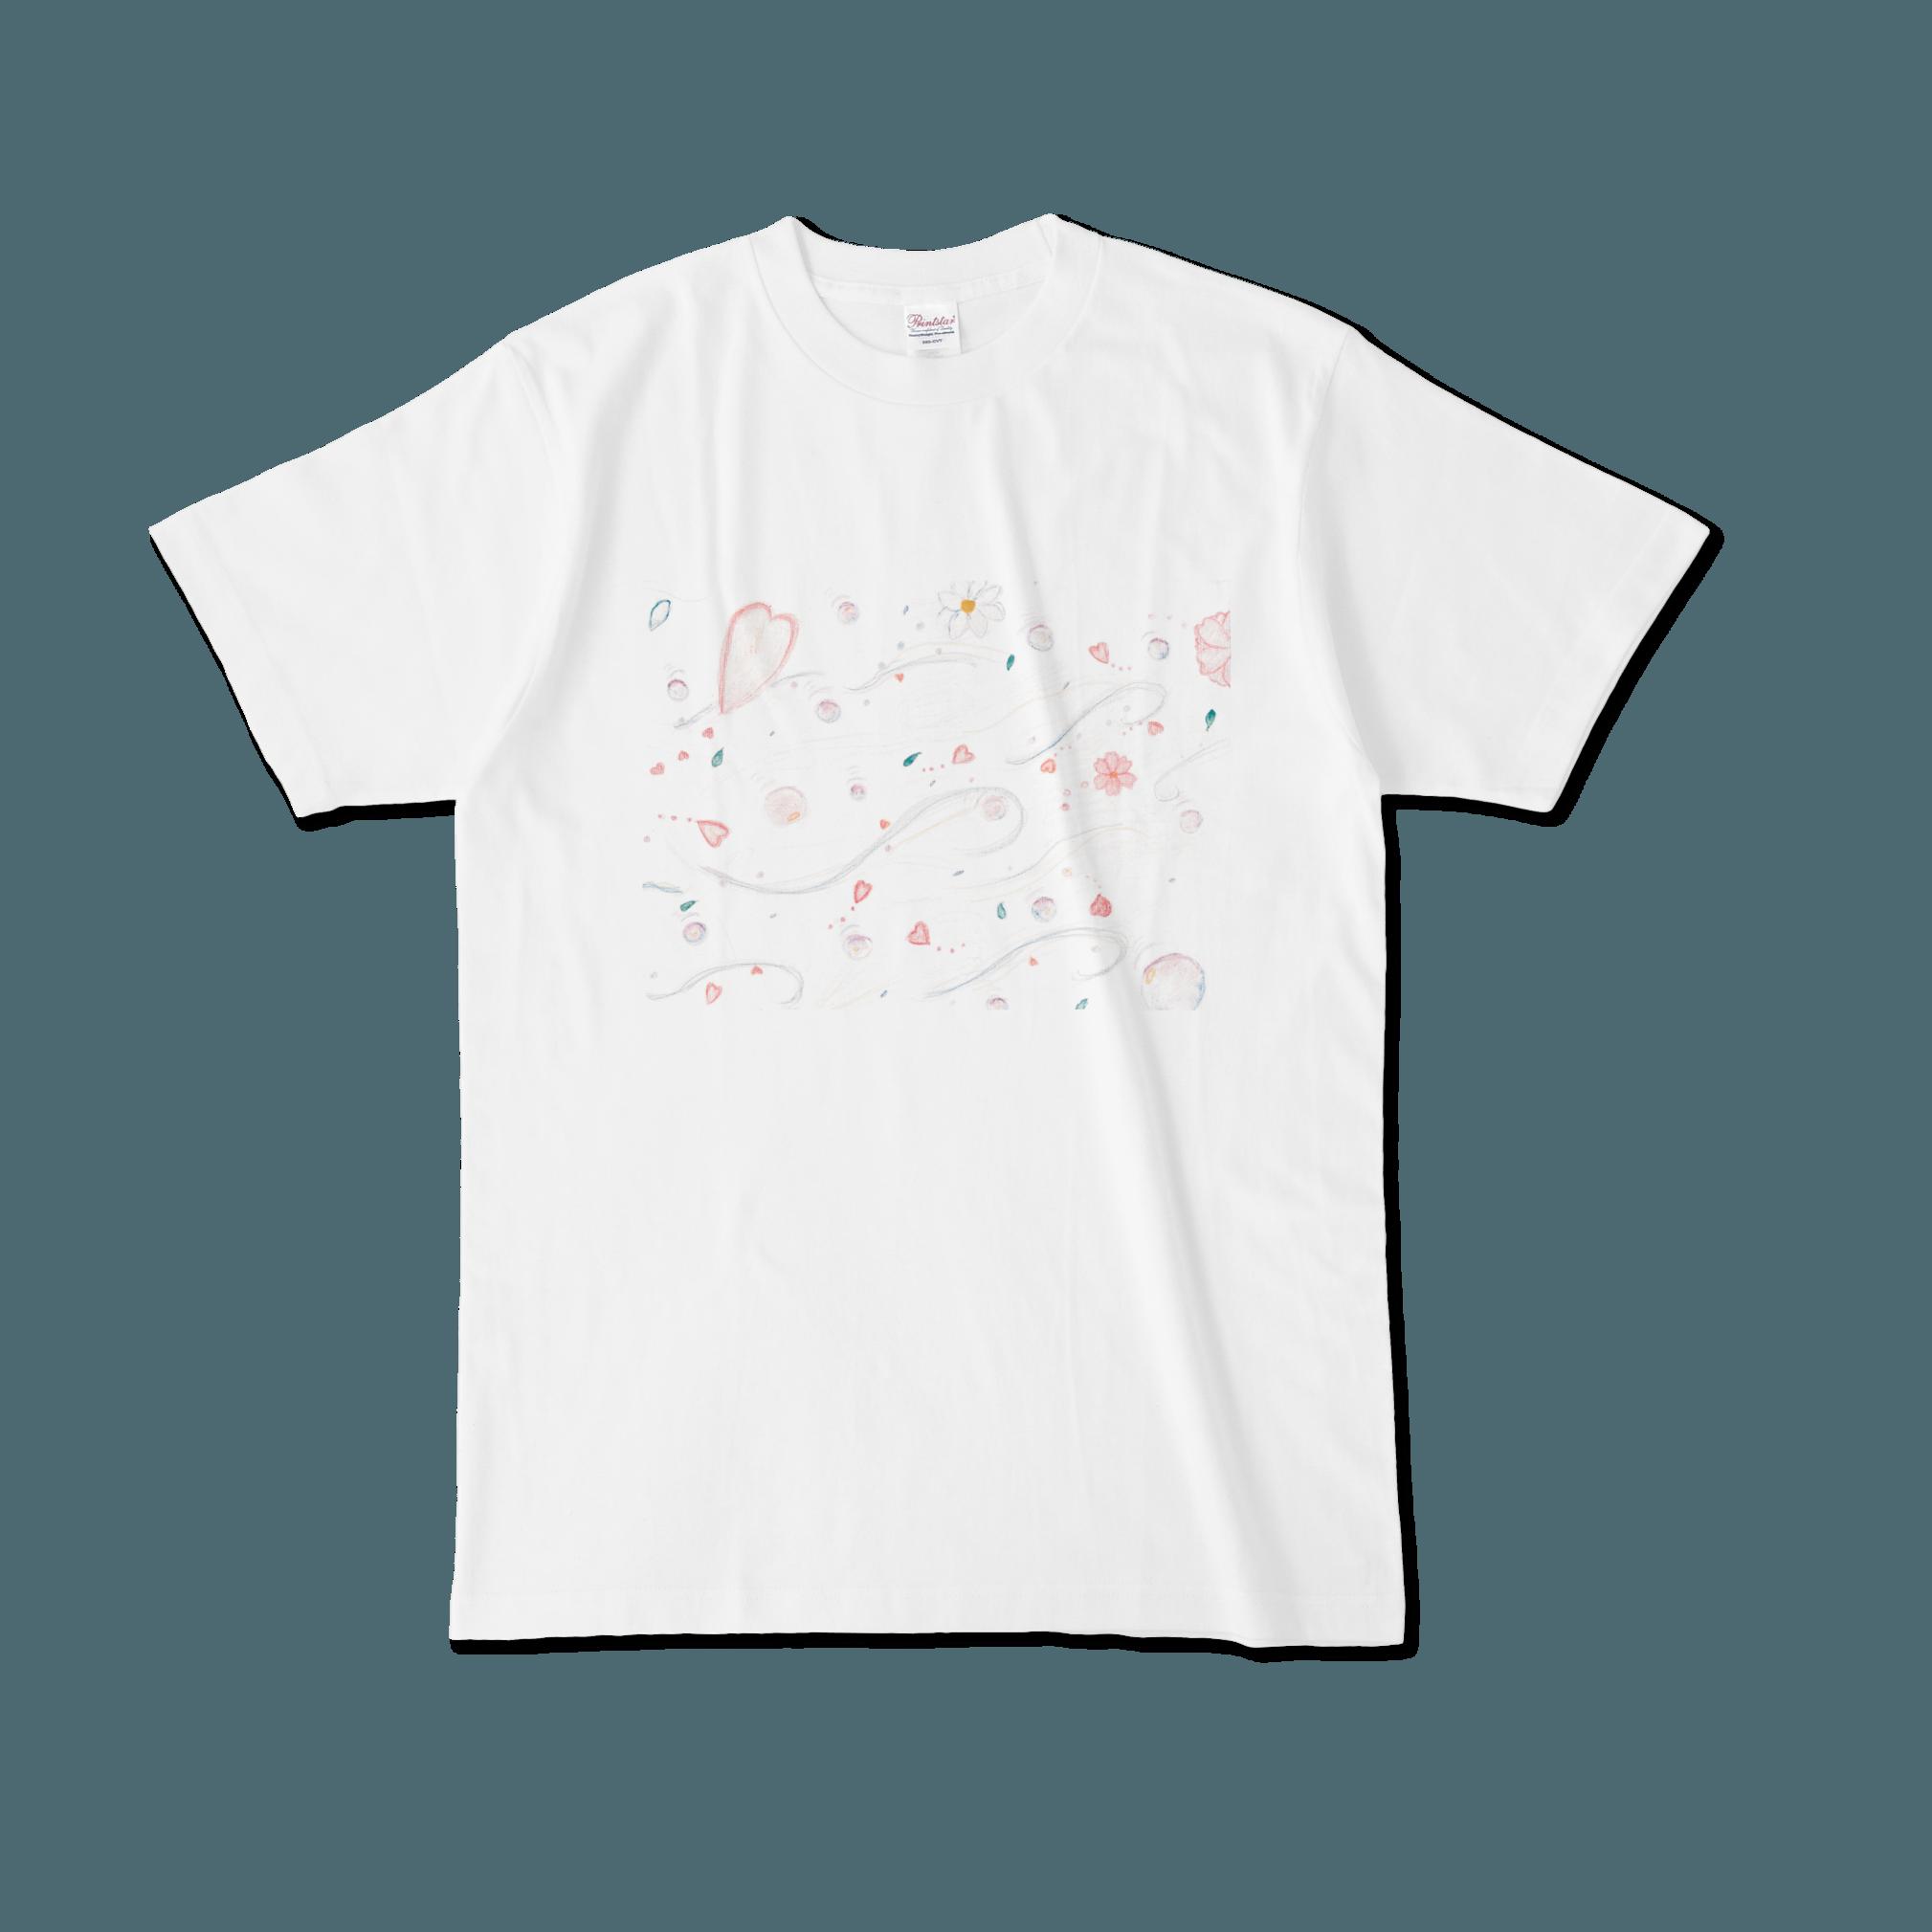 【税込・送料無料】仲瀬みあら(APOKALIPPPS)デザインTシャツ「そよ風」